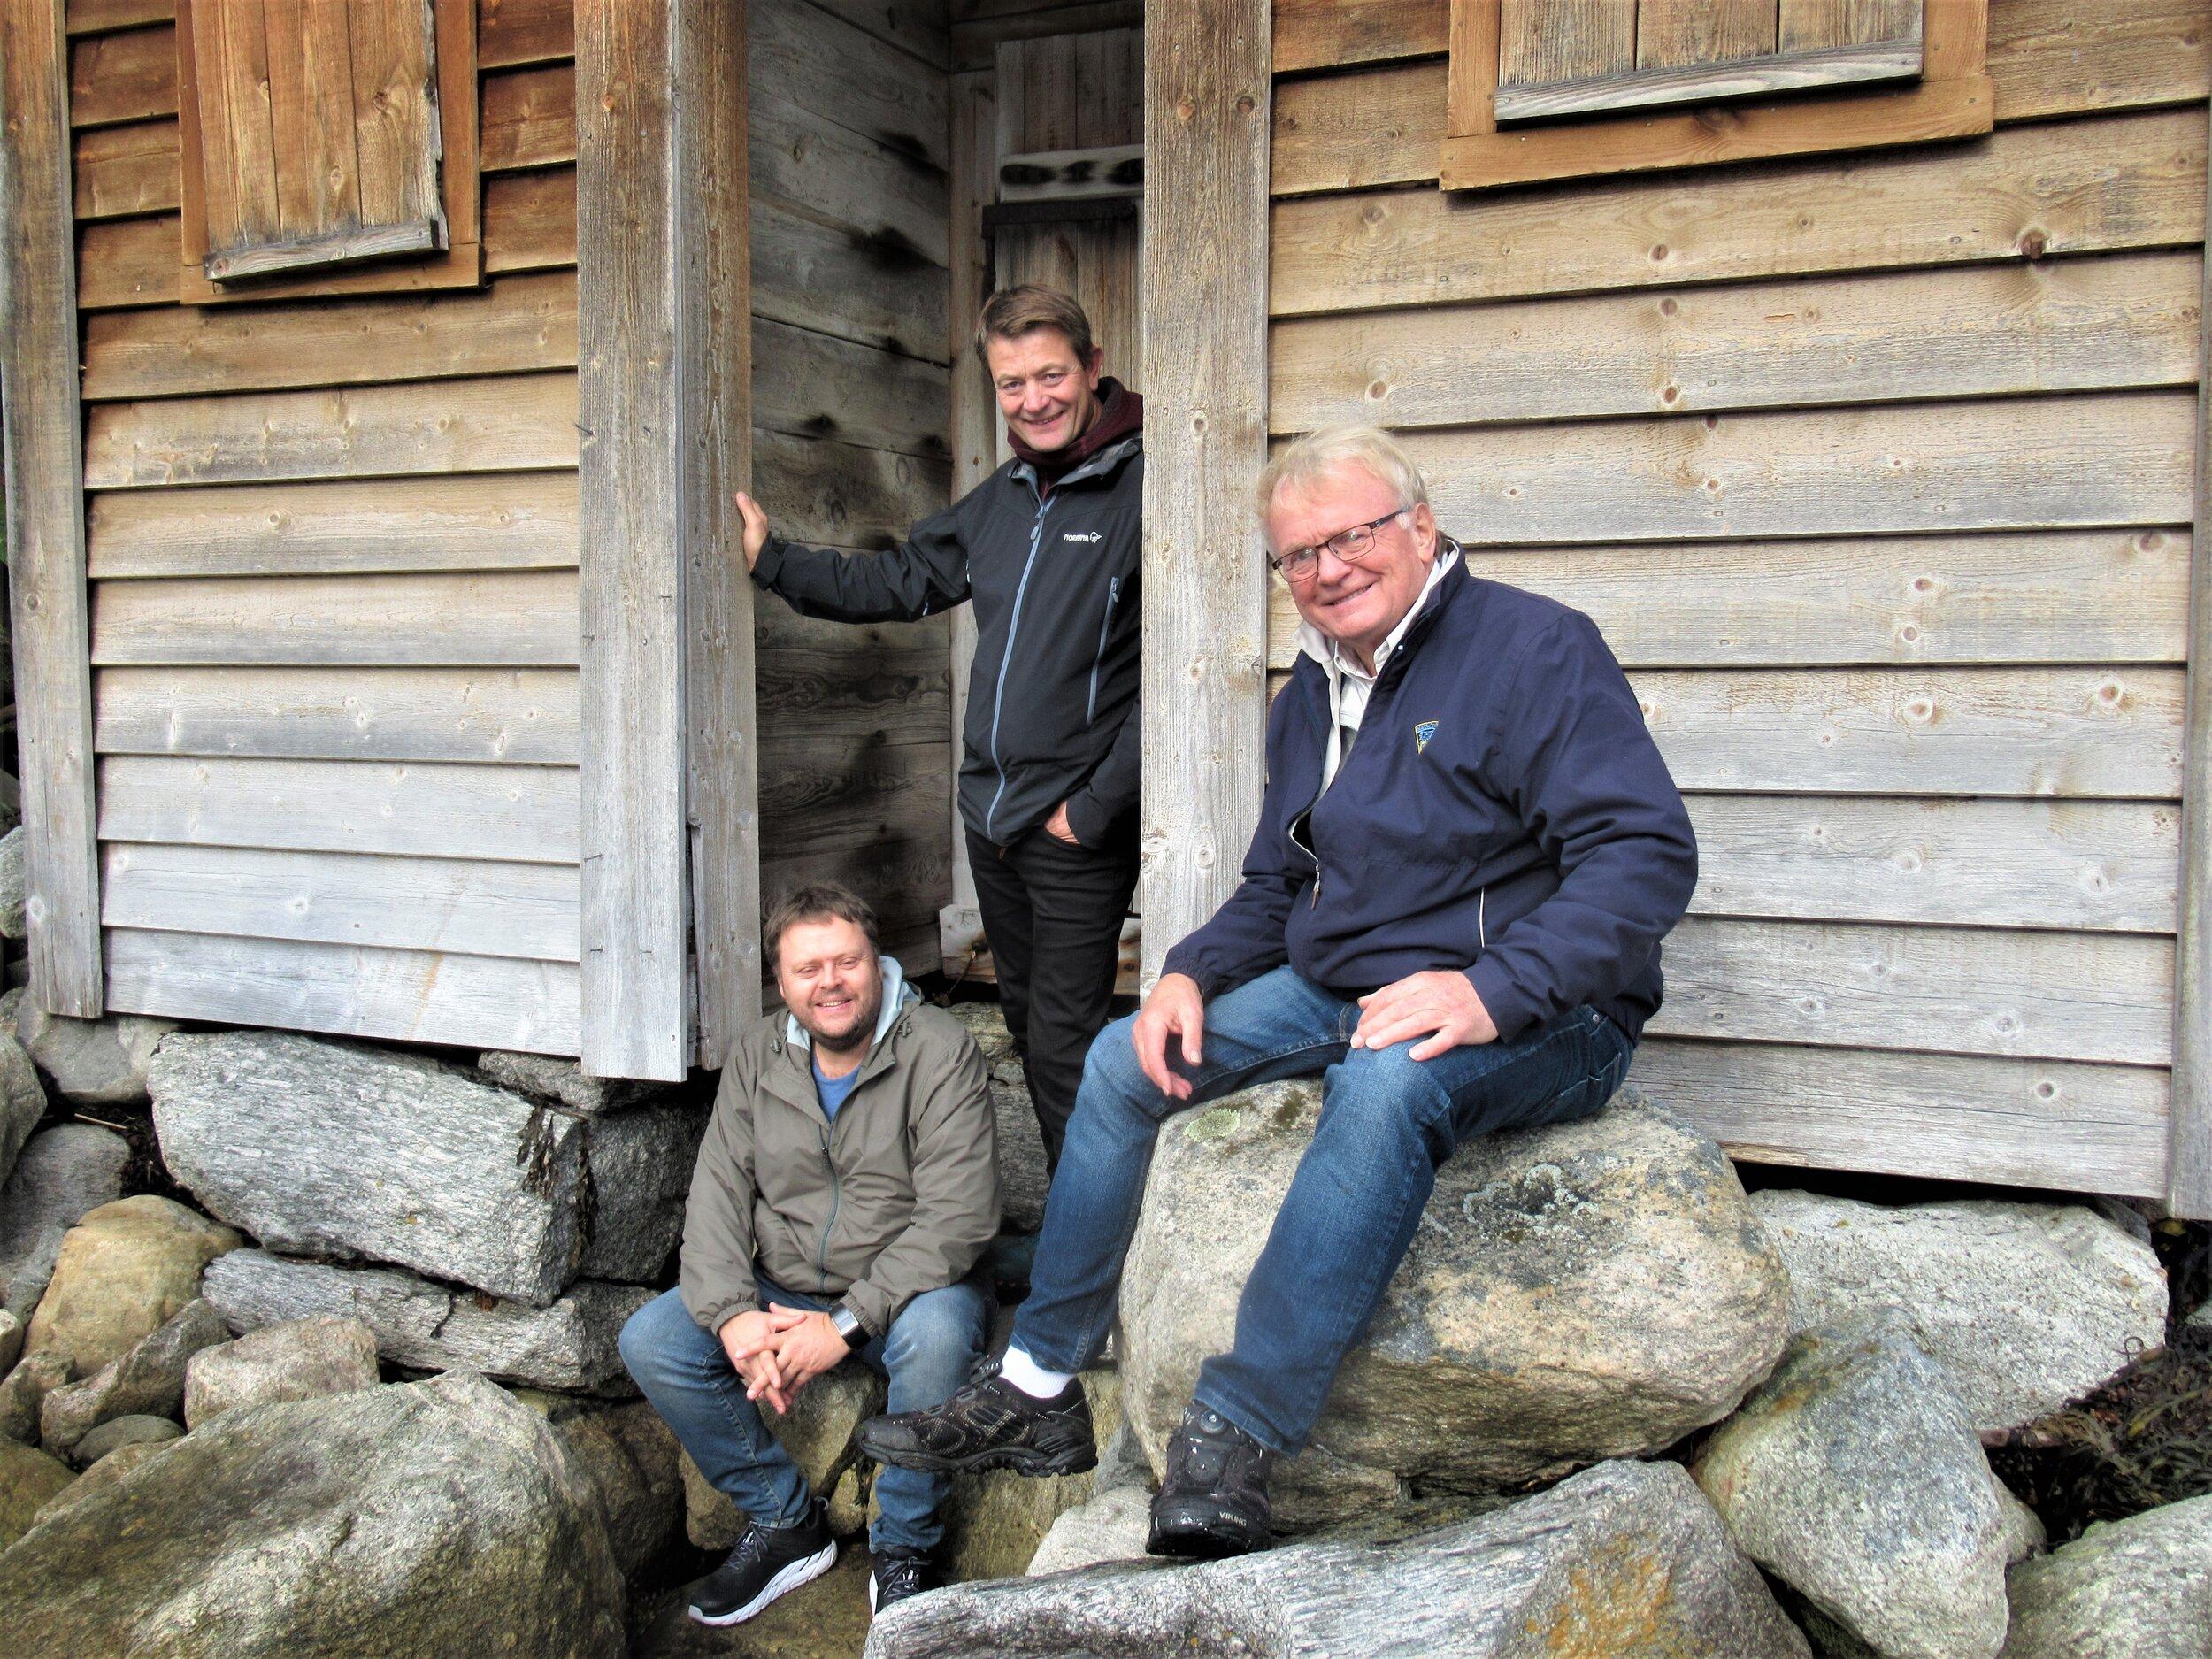 Direktøren for kulturminnefondet fekk omvising rundt om på Leikanger saman med Systrond Sogelag. Her utanfor det gamle badehuset på fylkesmannsgarden fv. Kjell Arne Valvik, Simen Bjørgen og Knut Henning Grepstad.